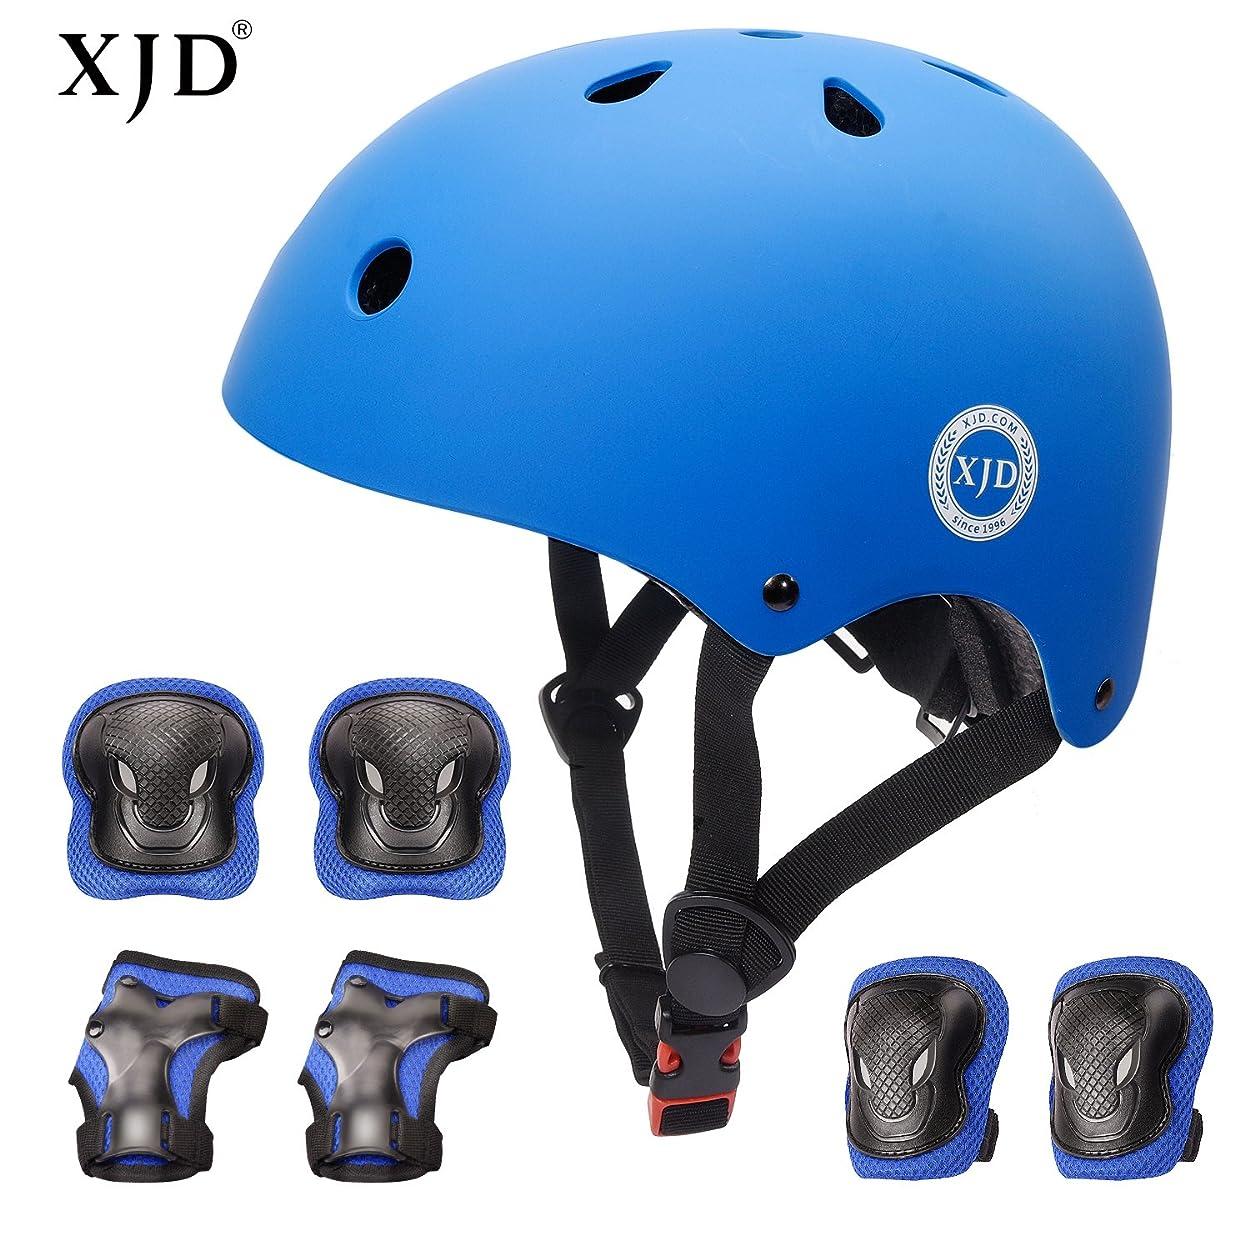 依存ノイズタンザニアXJD 自転車 ヘルメット こども用 キッズプロテクターセット S:48~54cm 調節可能 超軽量 高剛性 通気性 自転車 サイクリング 保護用 巾着袋付き